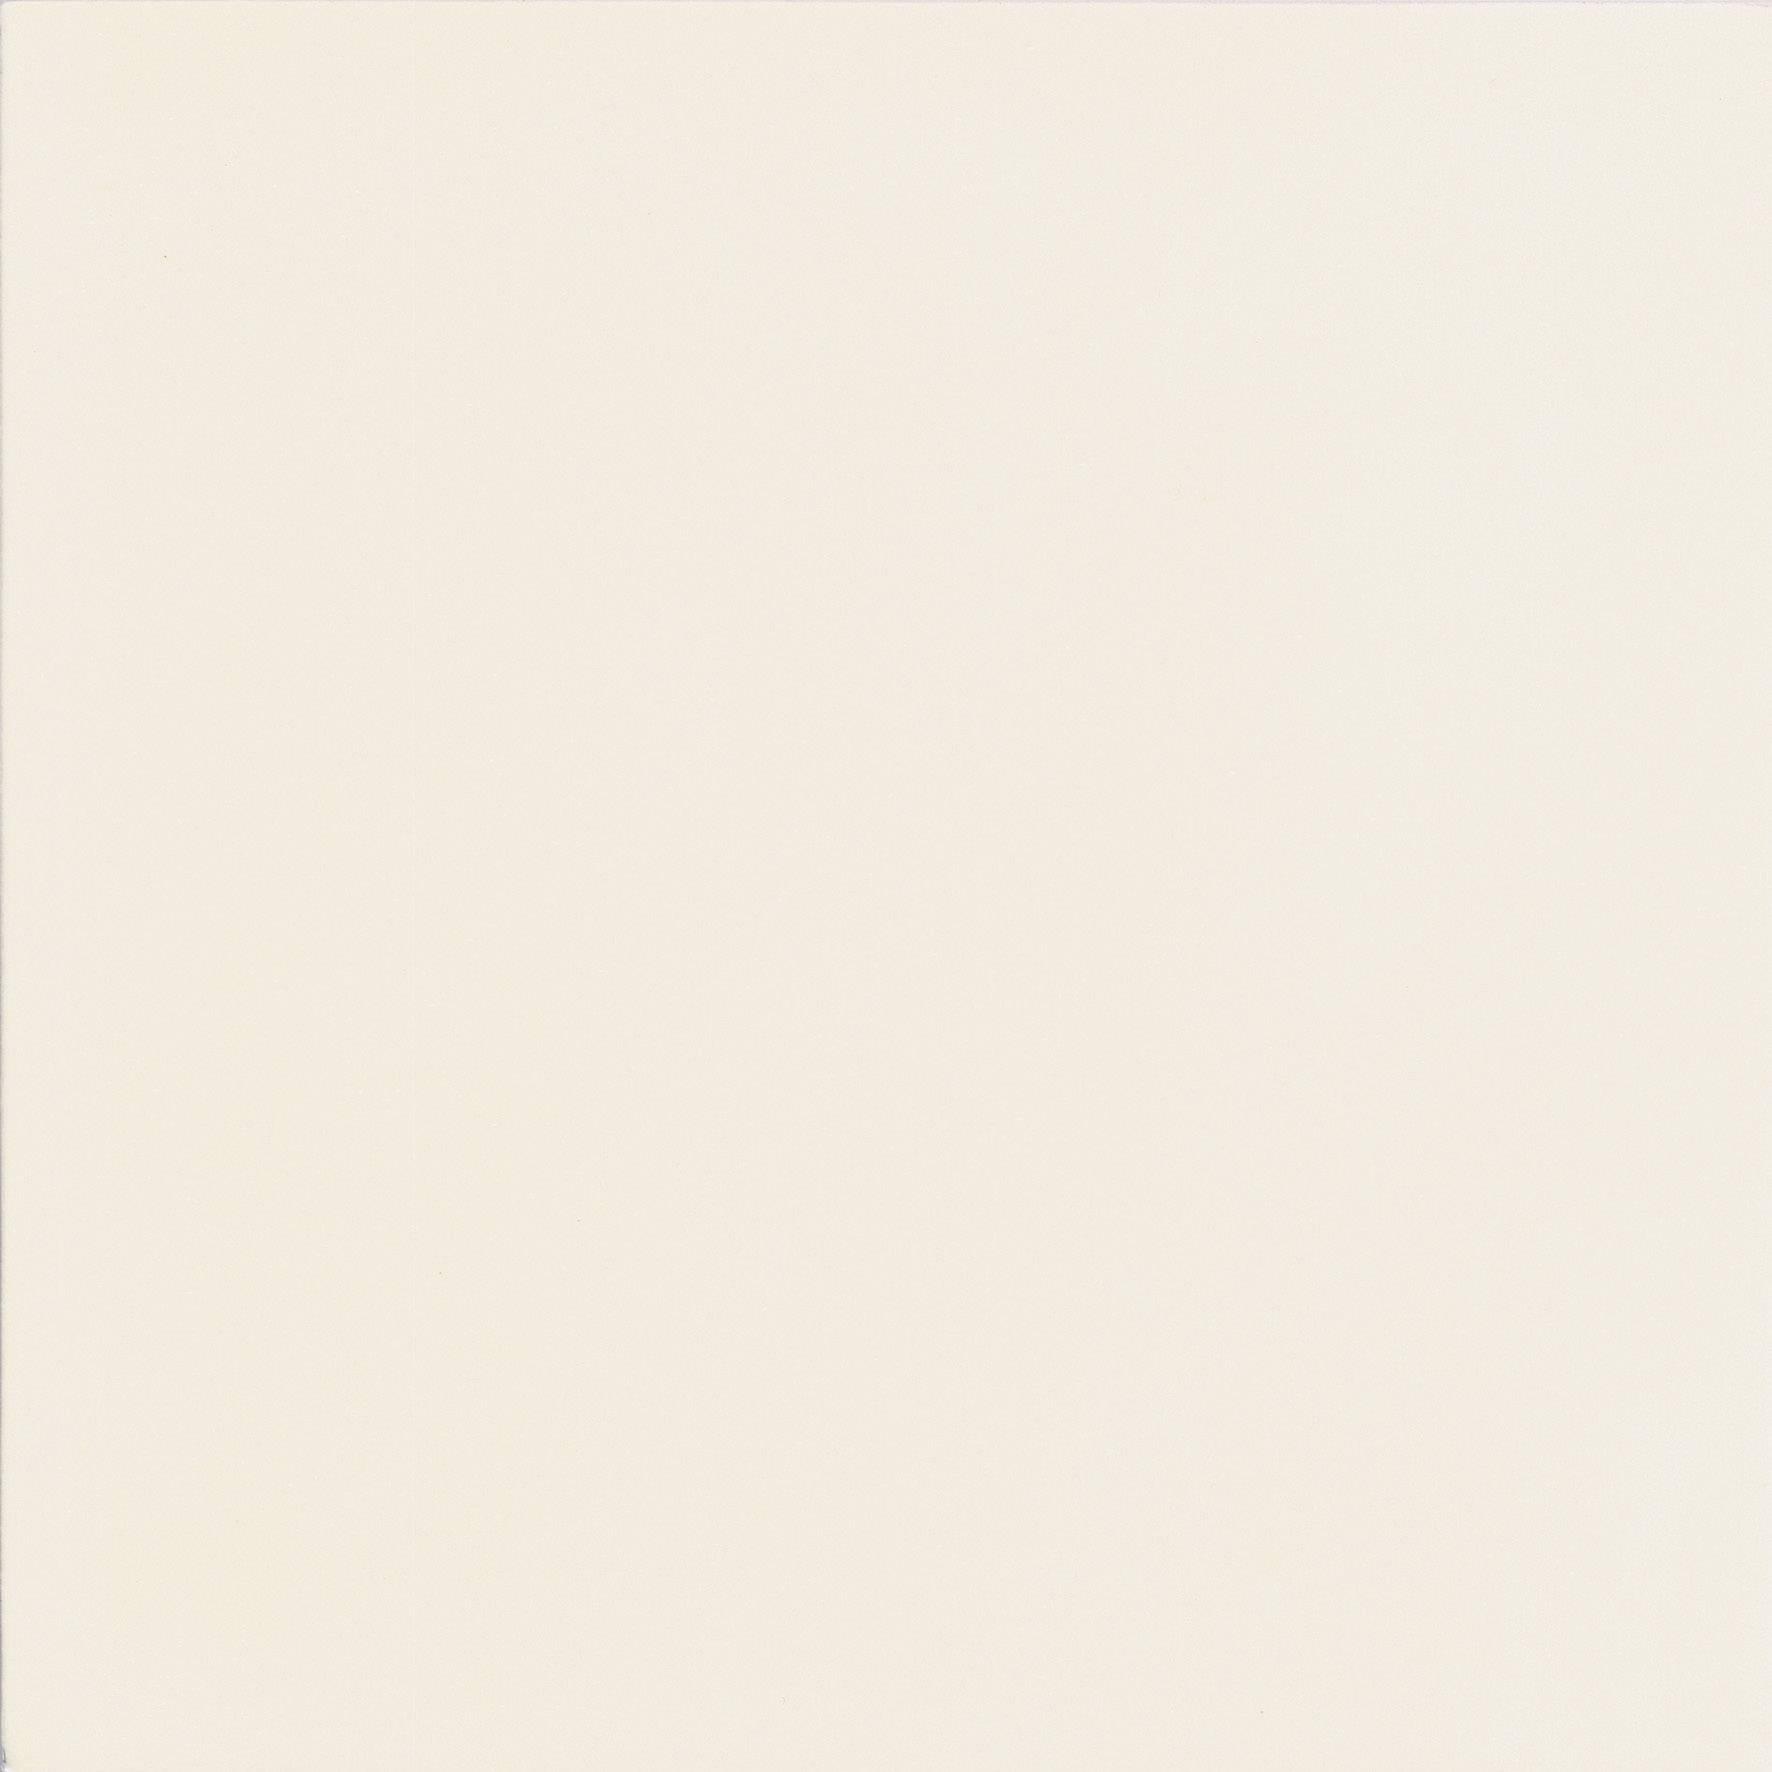 Teplovodivá fólie Kerafol 86/200, 50 x 50 x 3 mm, růžová/žlutá